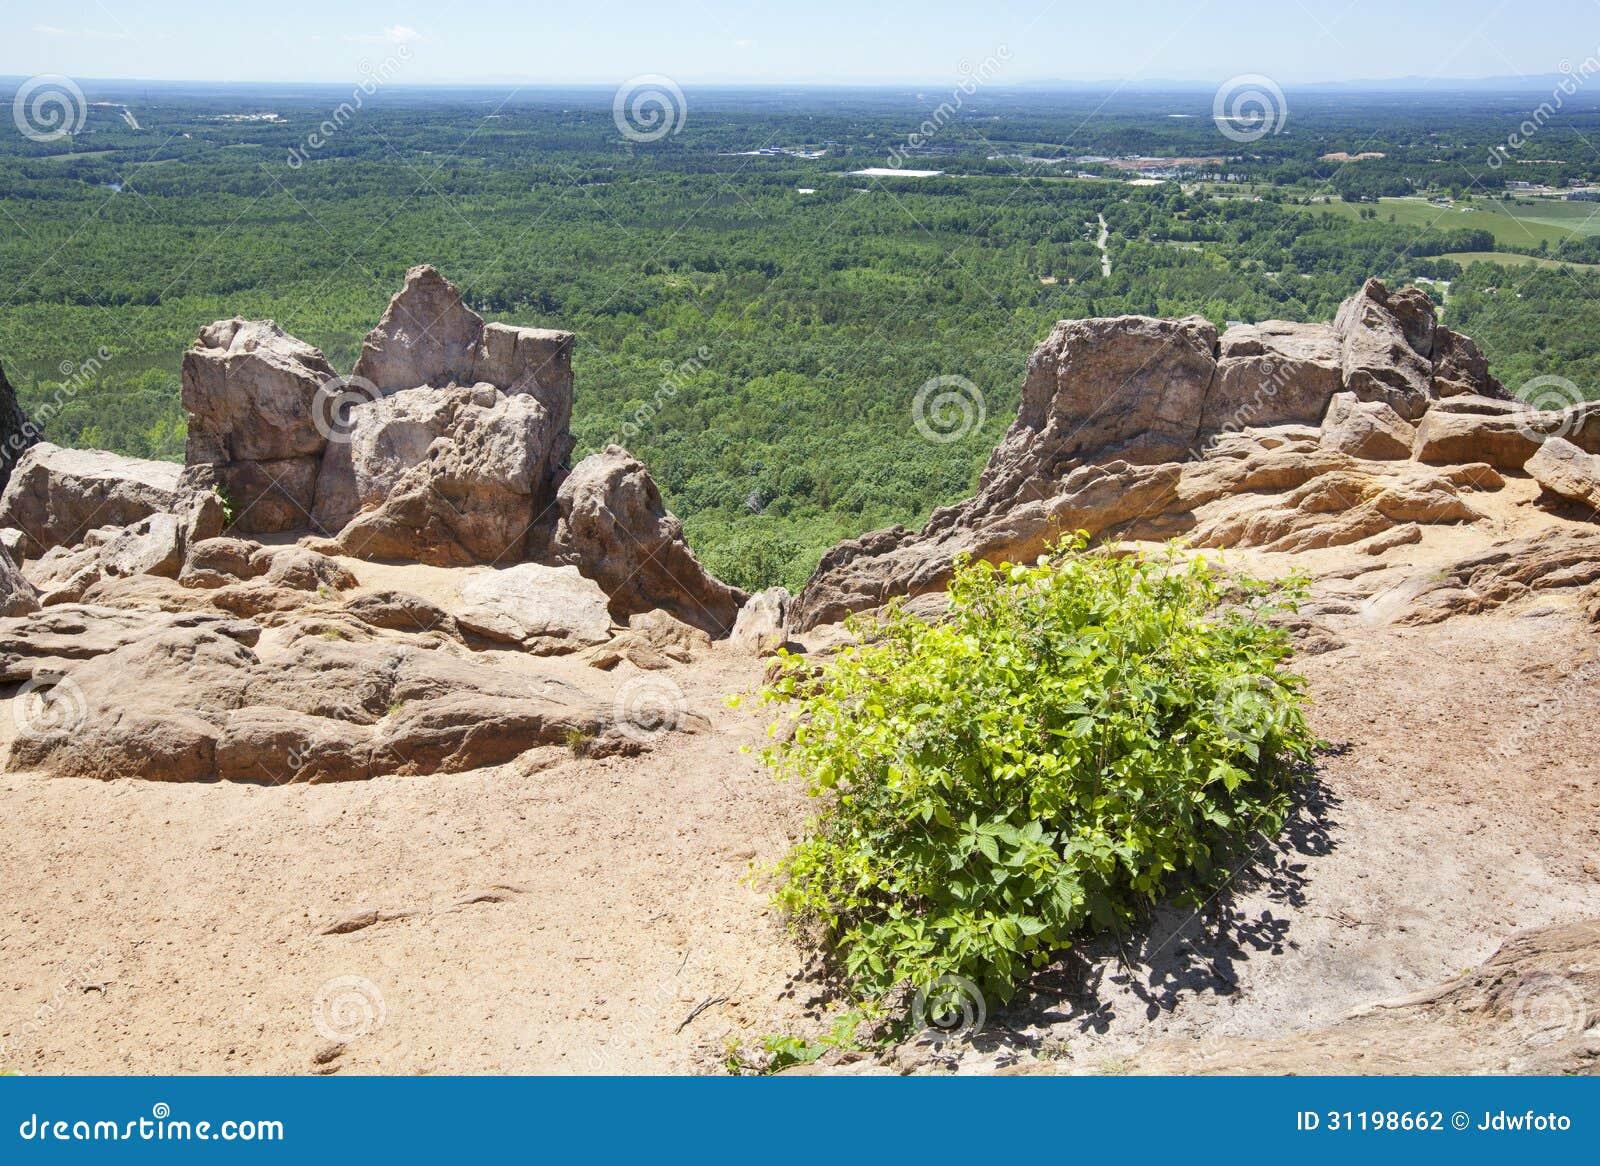 Kings Mountain Pinnacle